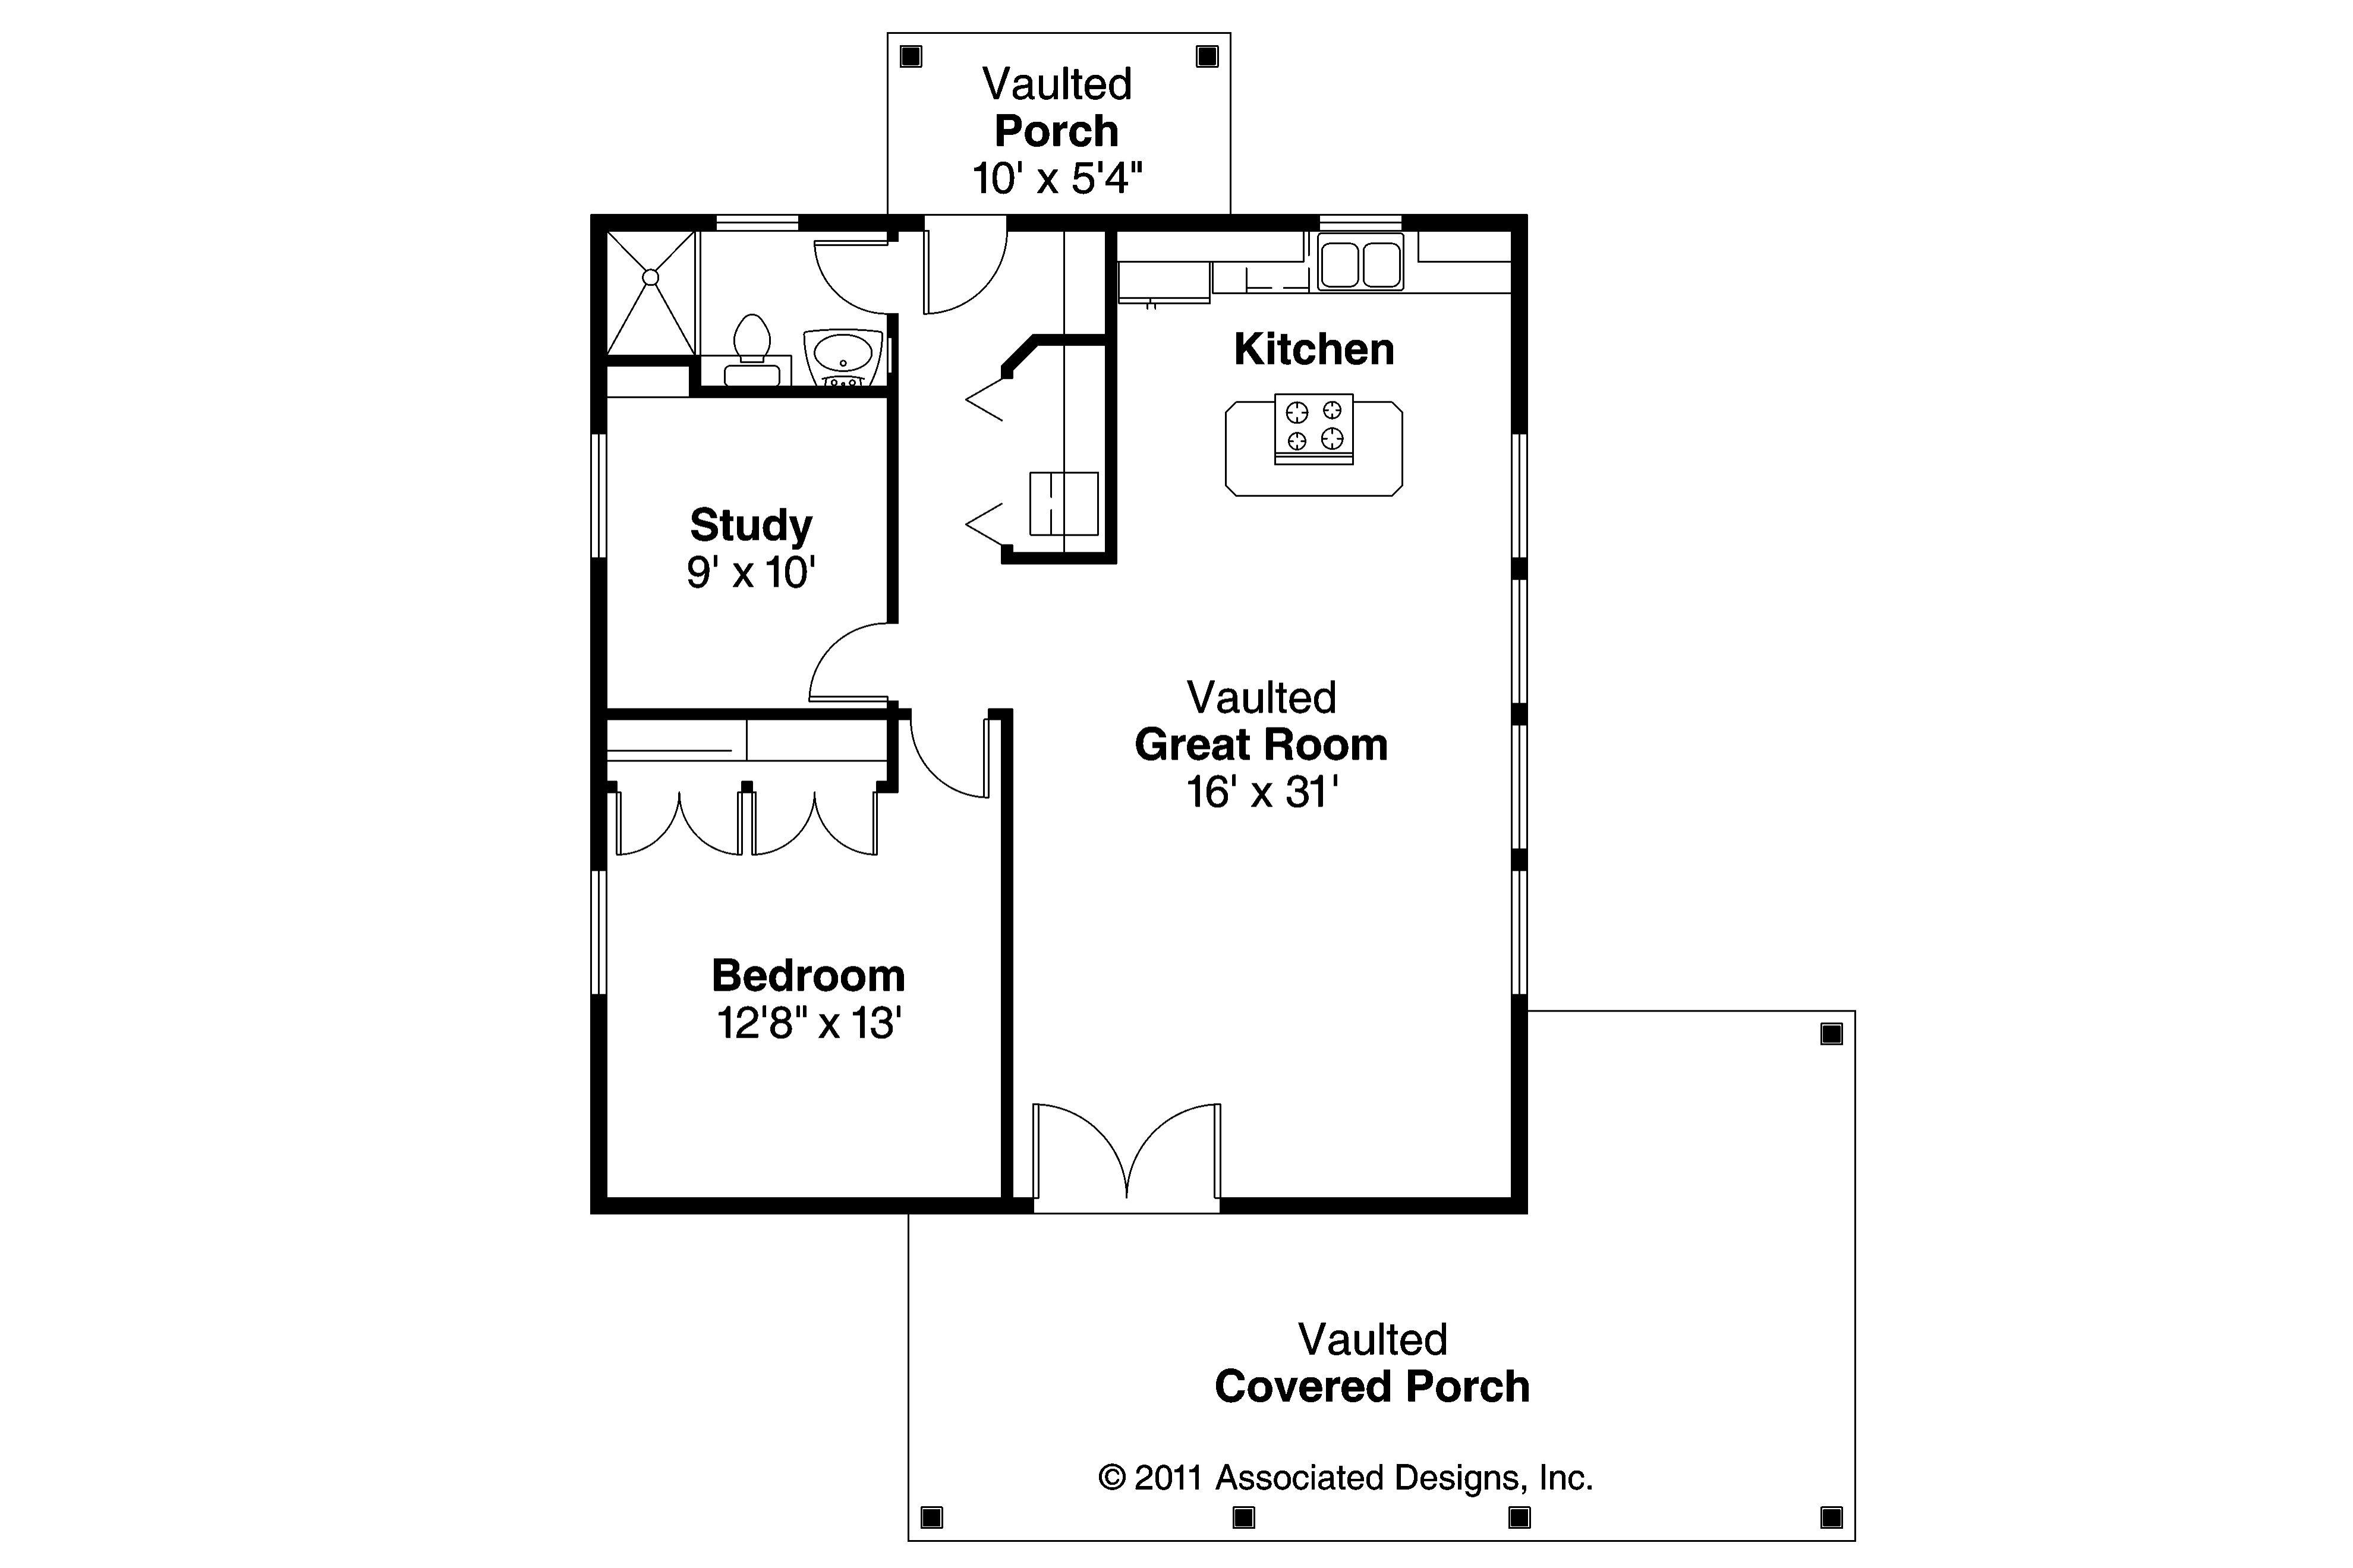 Bungalow House Plan Kent 30 498 Floor Plan #2: ef a6d6b1159d4c02e95ad0590